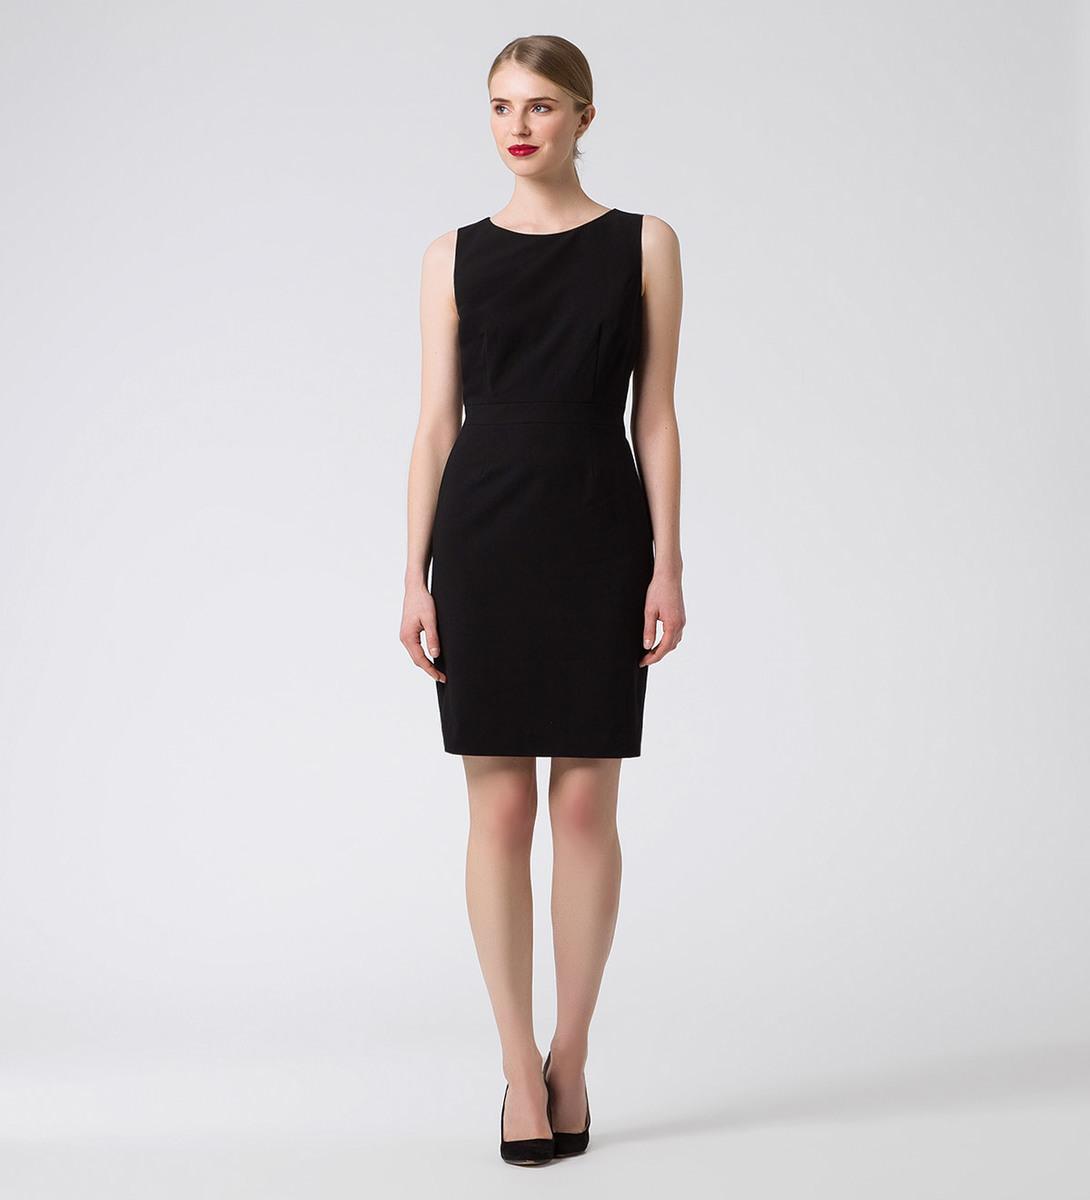 Kleid im klassischen Design in black